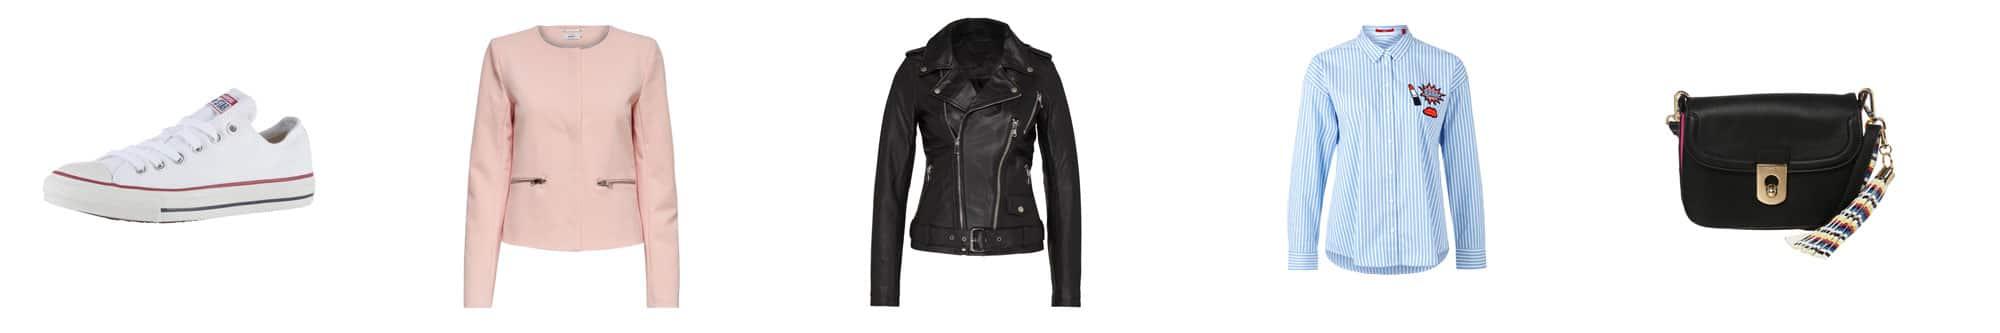 glamour shopping week-sales-picks-1